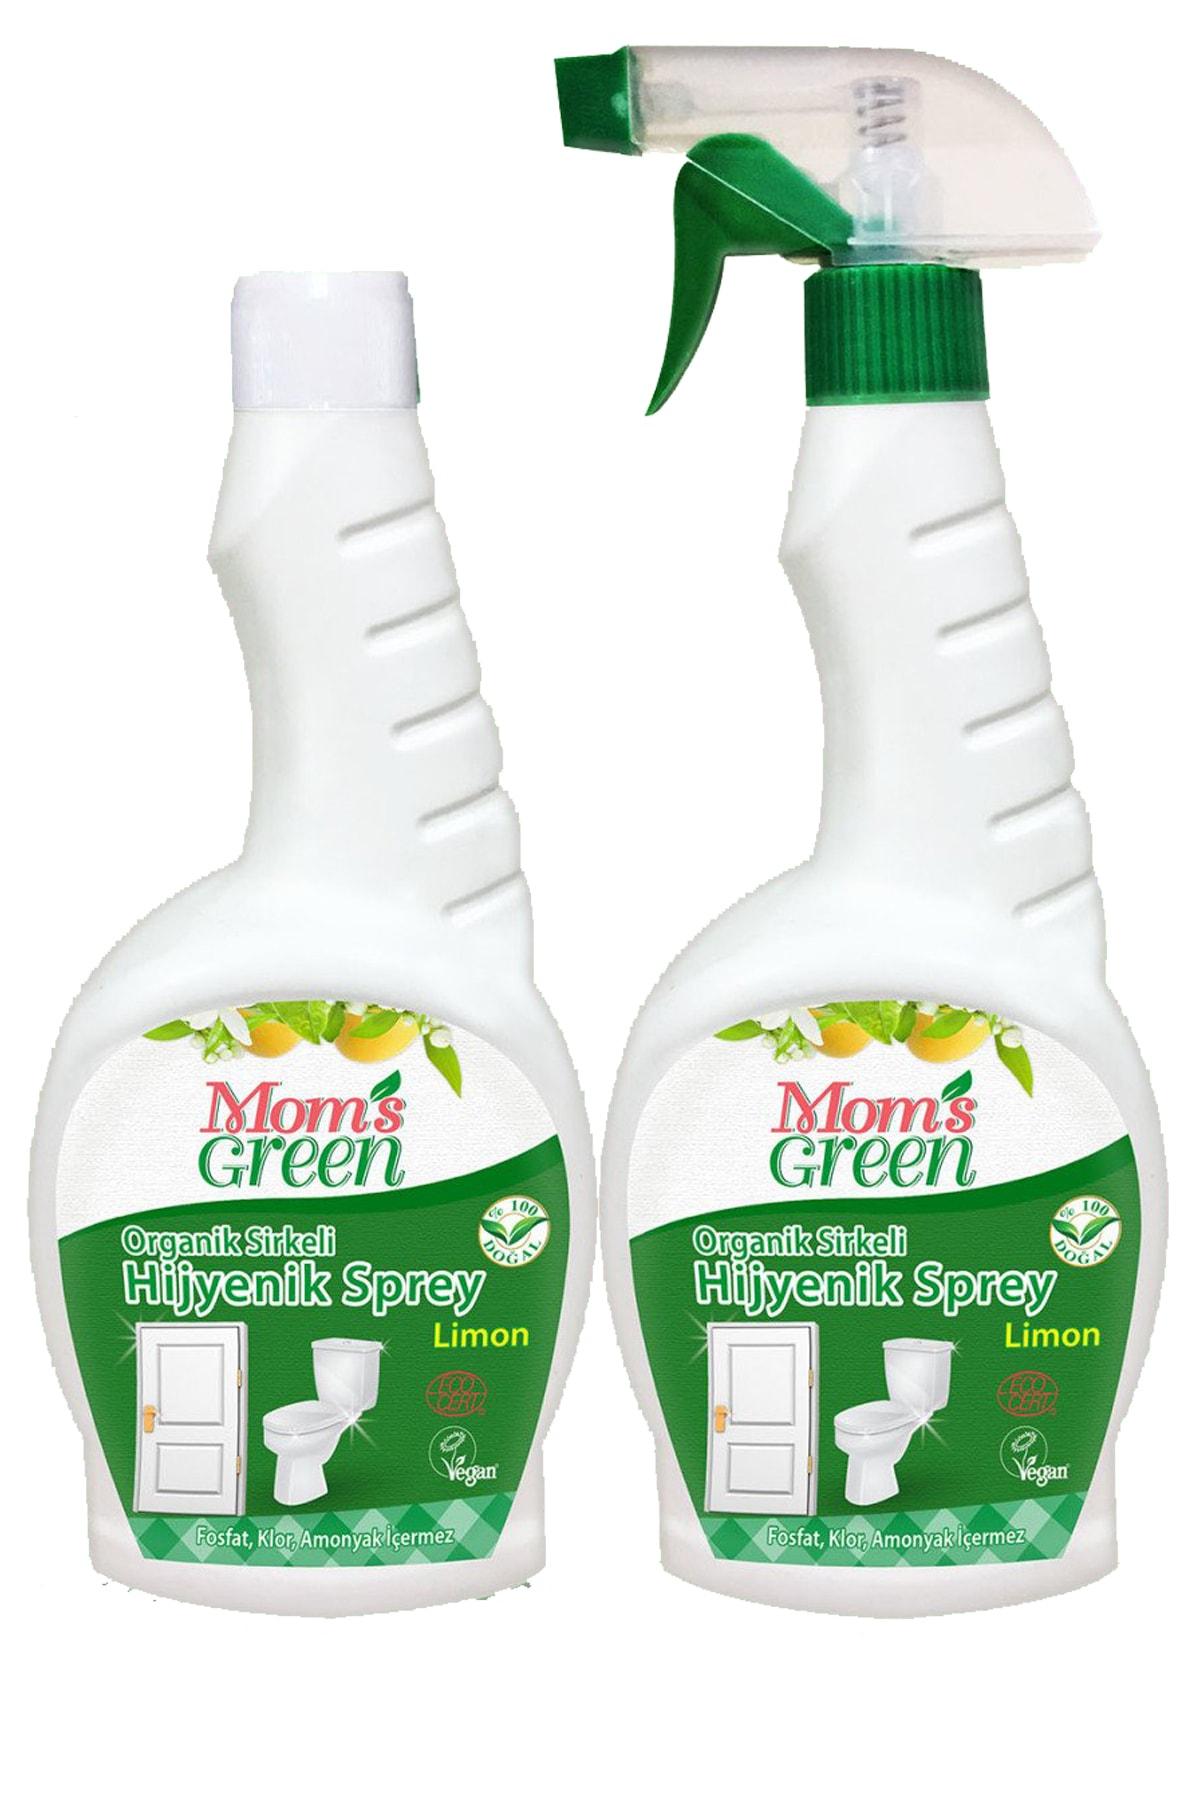 Mom's Green 2'li Set Organik Sirkeli Hijyenik Sprey Ve Yedek Şişe Limon 750 Ml 1